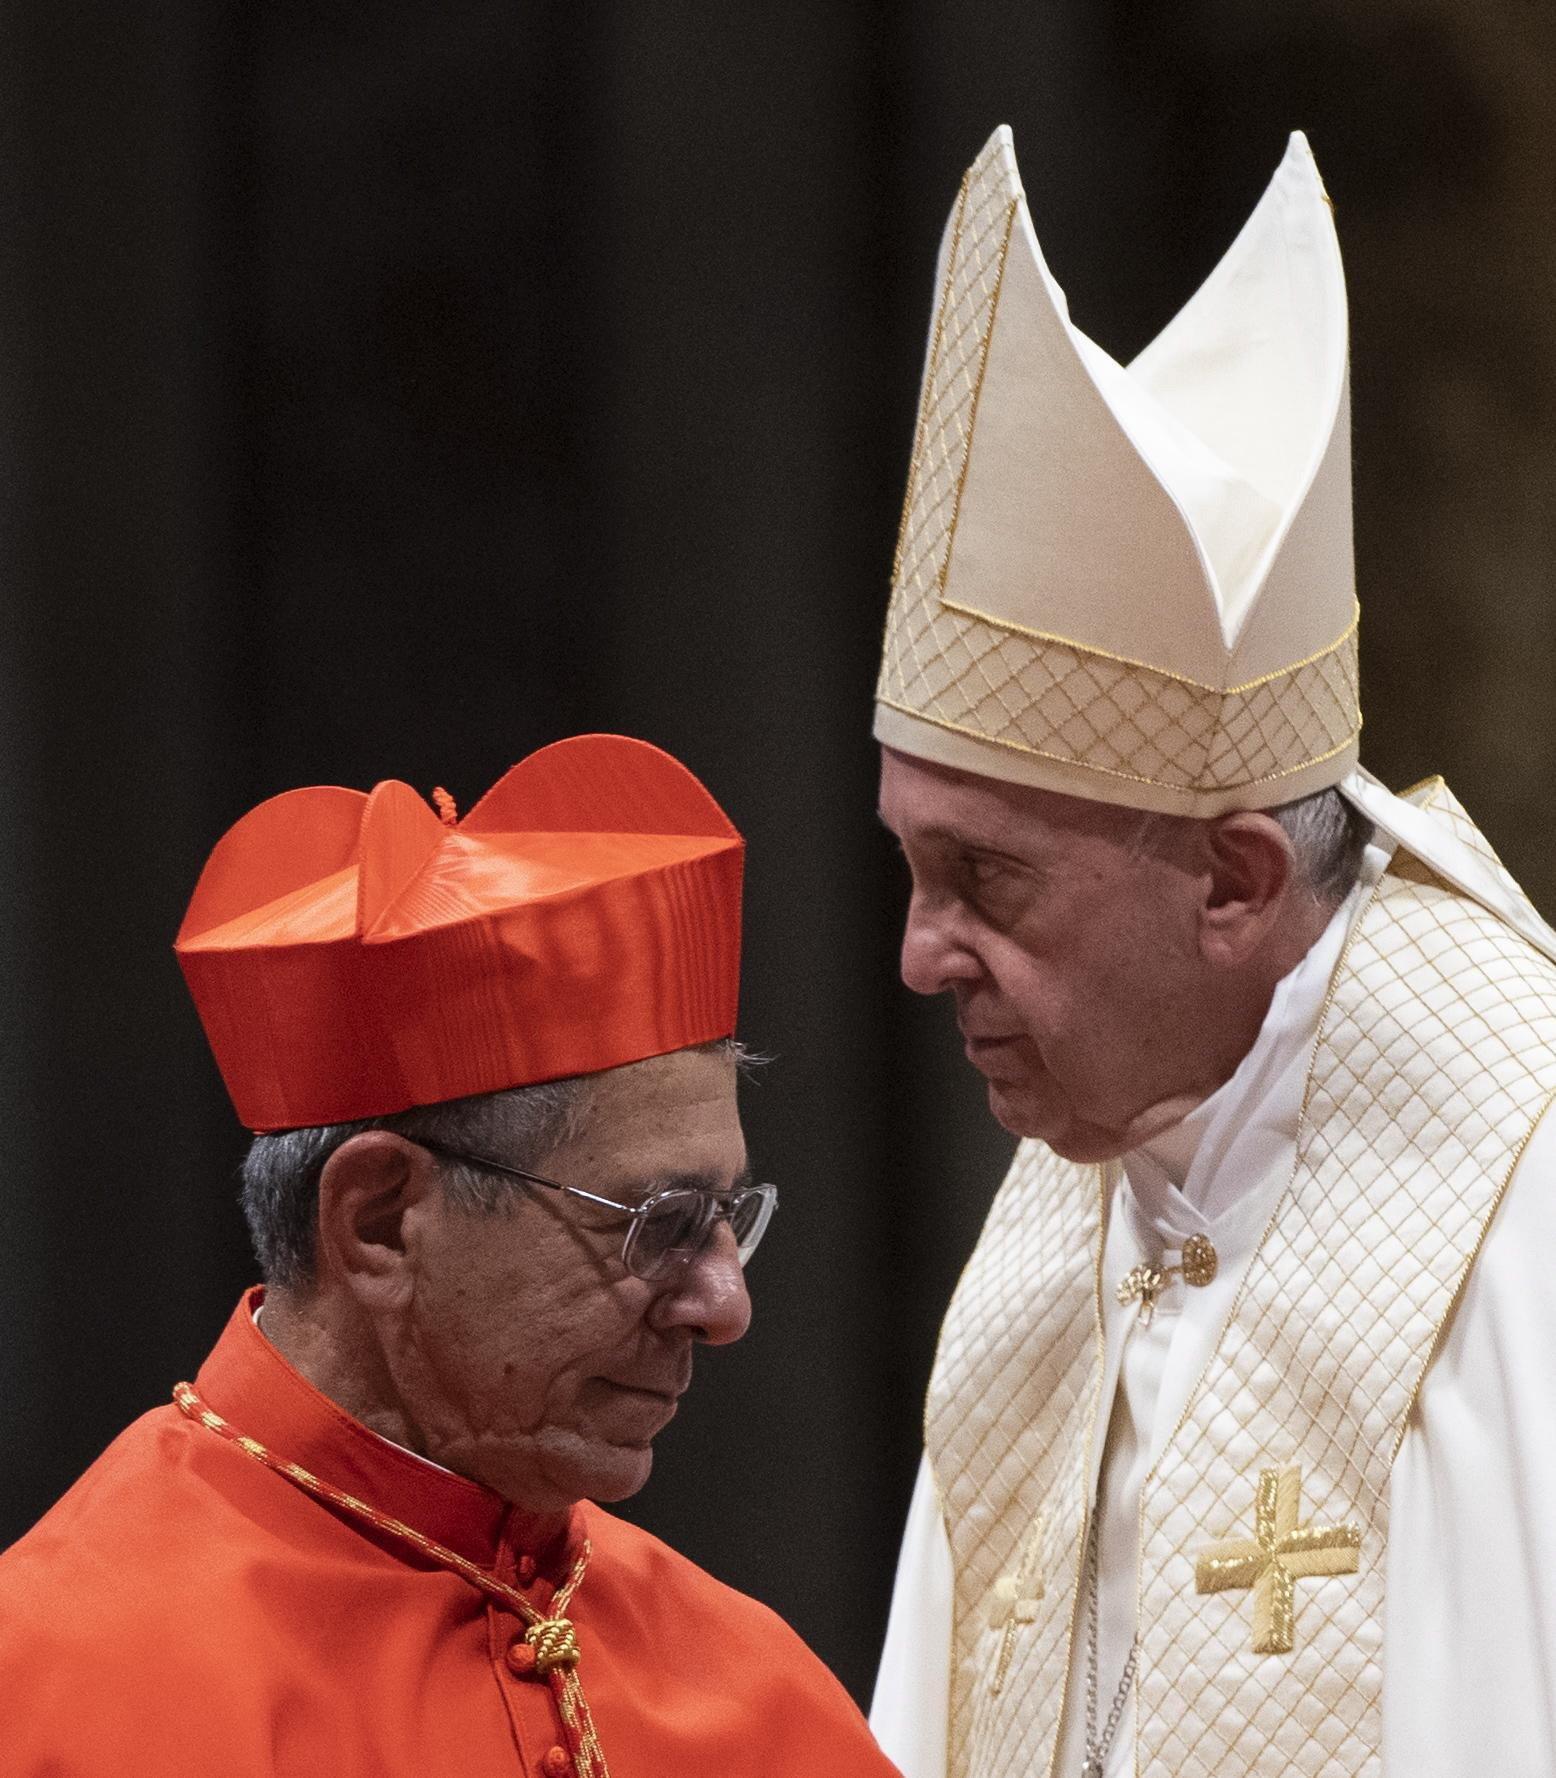 El Papa Francisco (d) junto al arzobispo de La Habana, Monseñor Juan de la Caridad García, a quien nombró oficialmente cardenal durante el consistorio realizado en el Vaticano el 5 de octubre de 2019. Foto: Claudio Peri / EFE.